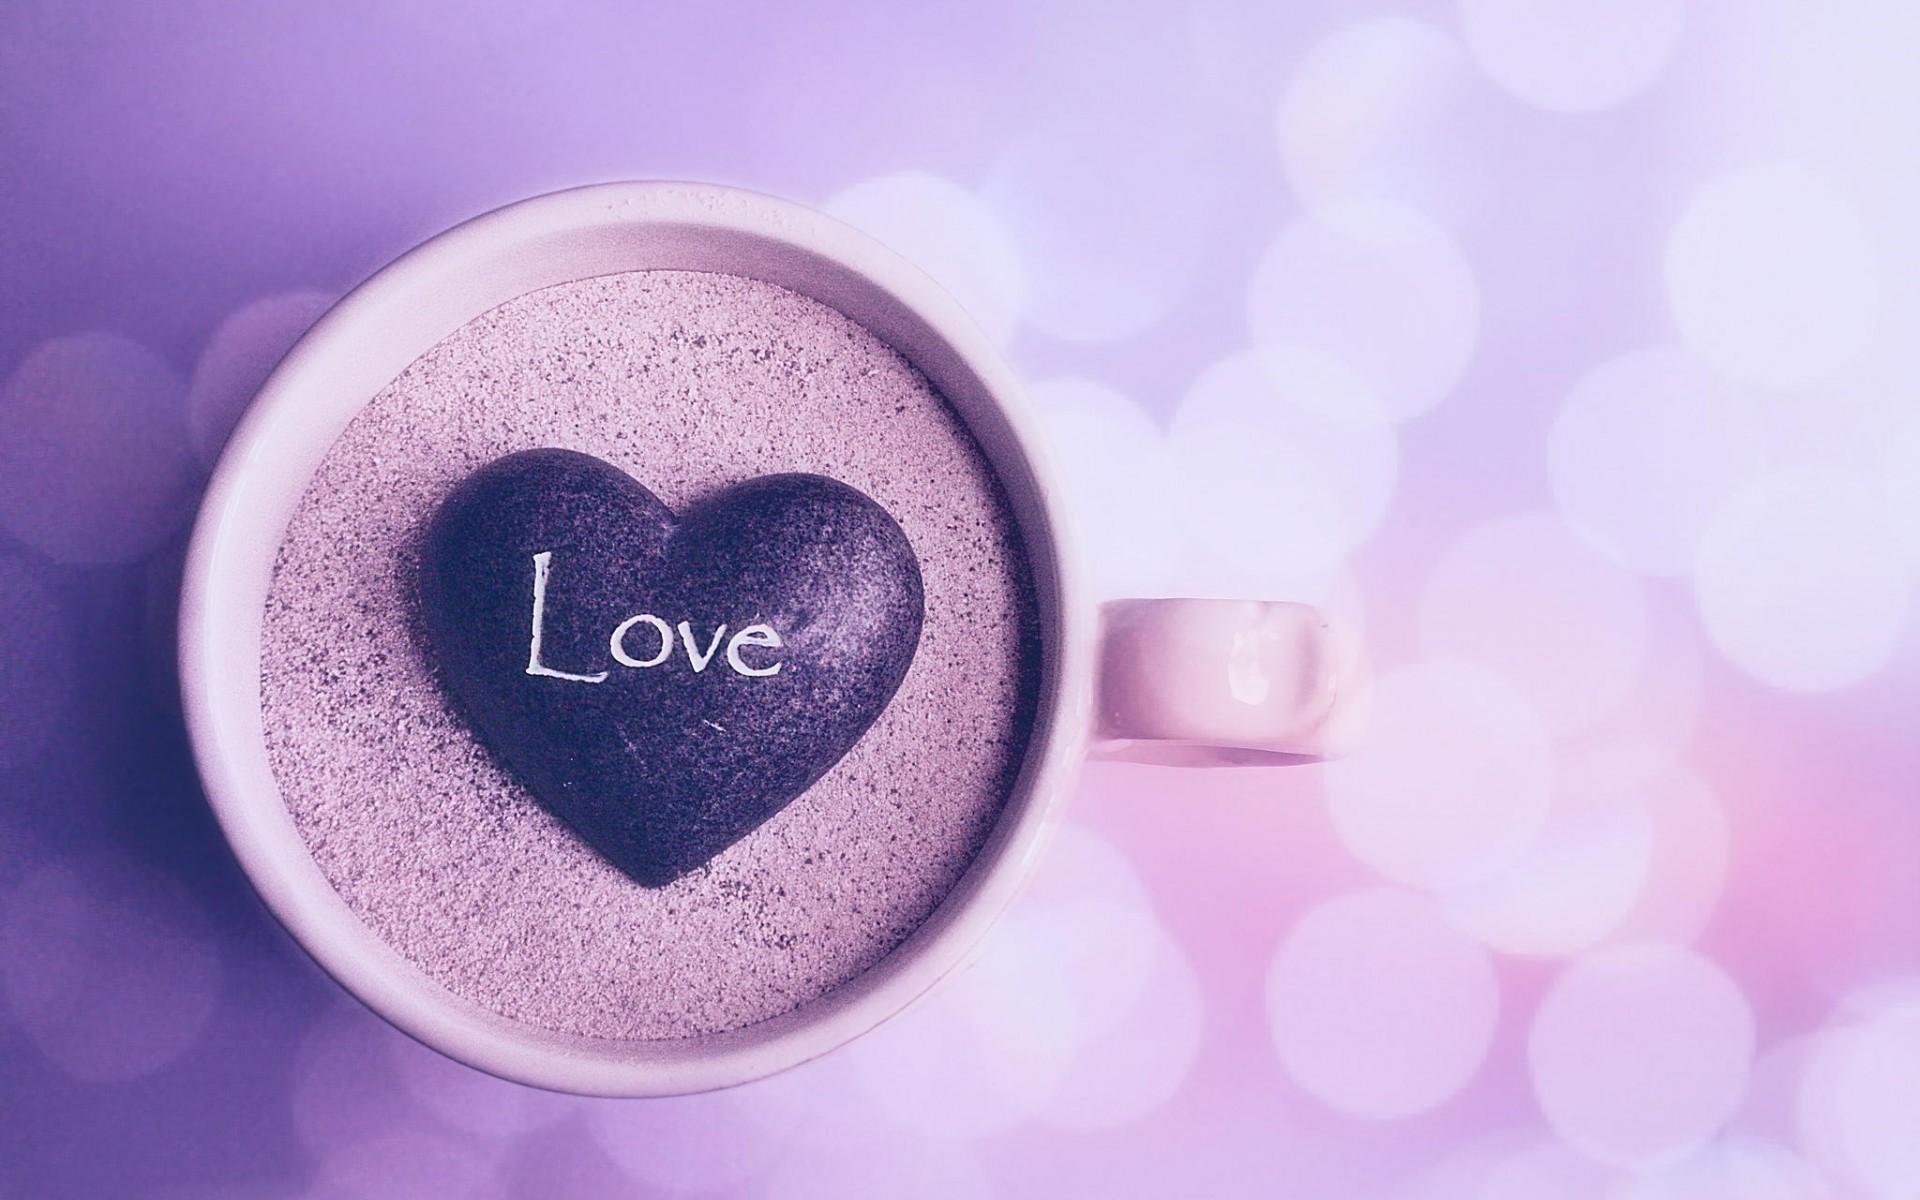 爱情美图,心动创意,一辈子,爱情